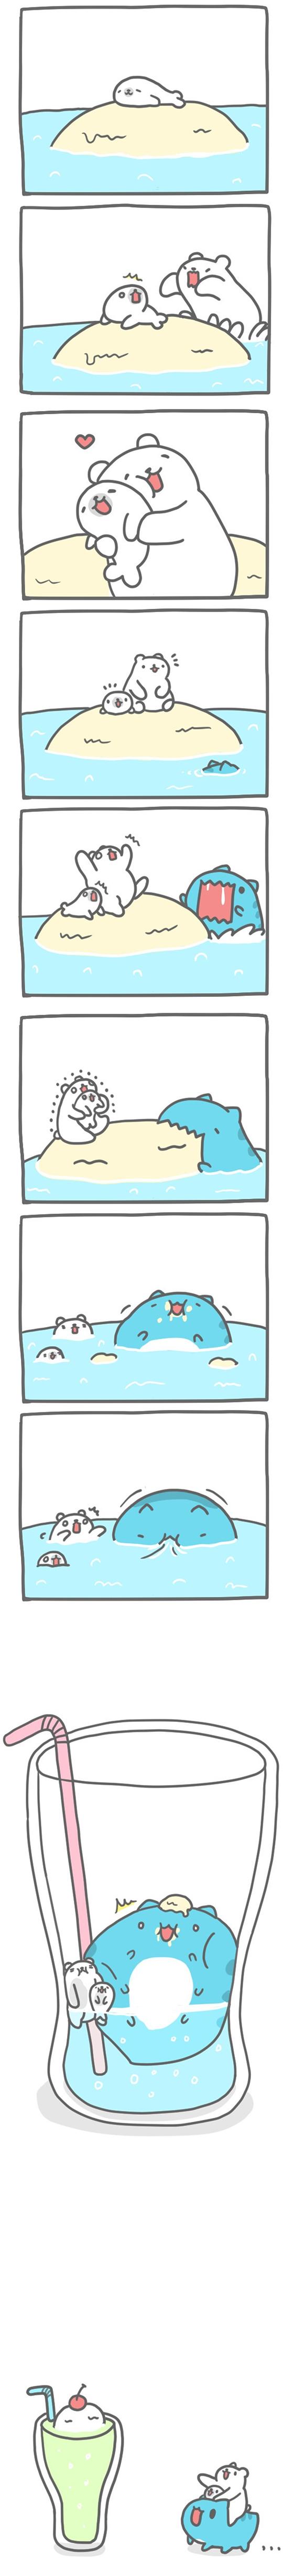 Truyện Mìn Lèo #119: Mẹ con nhà hải cẩu